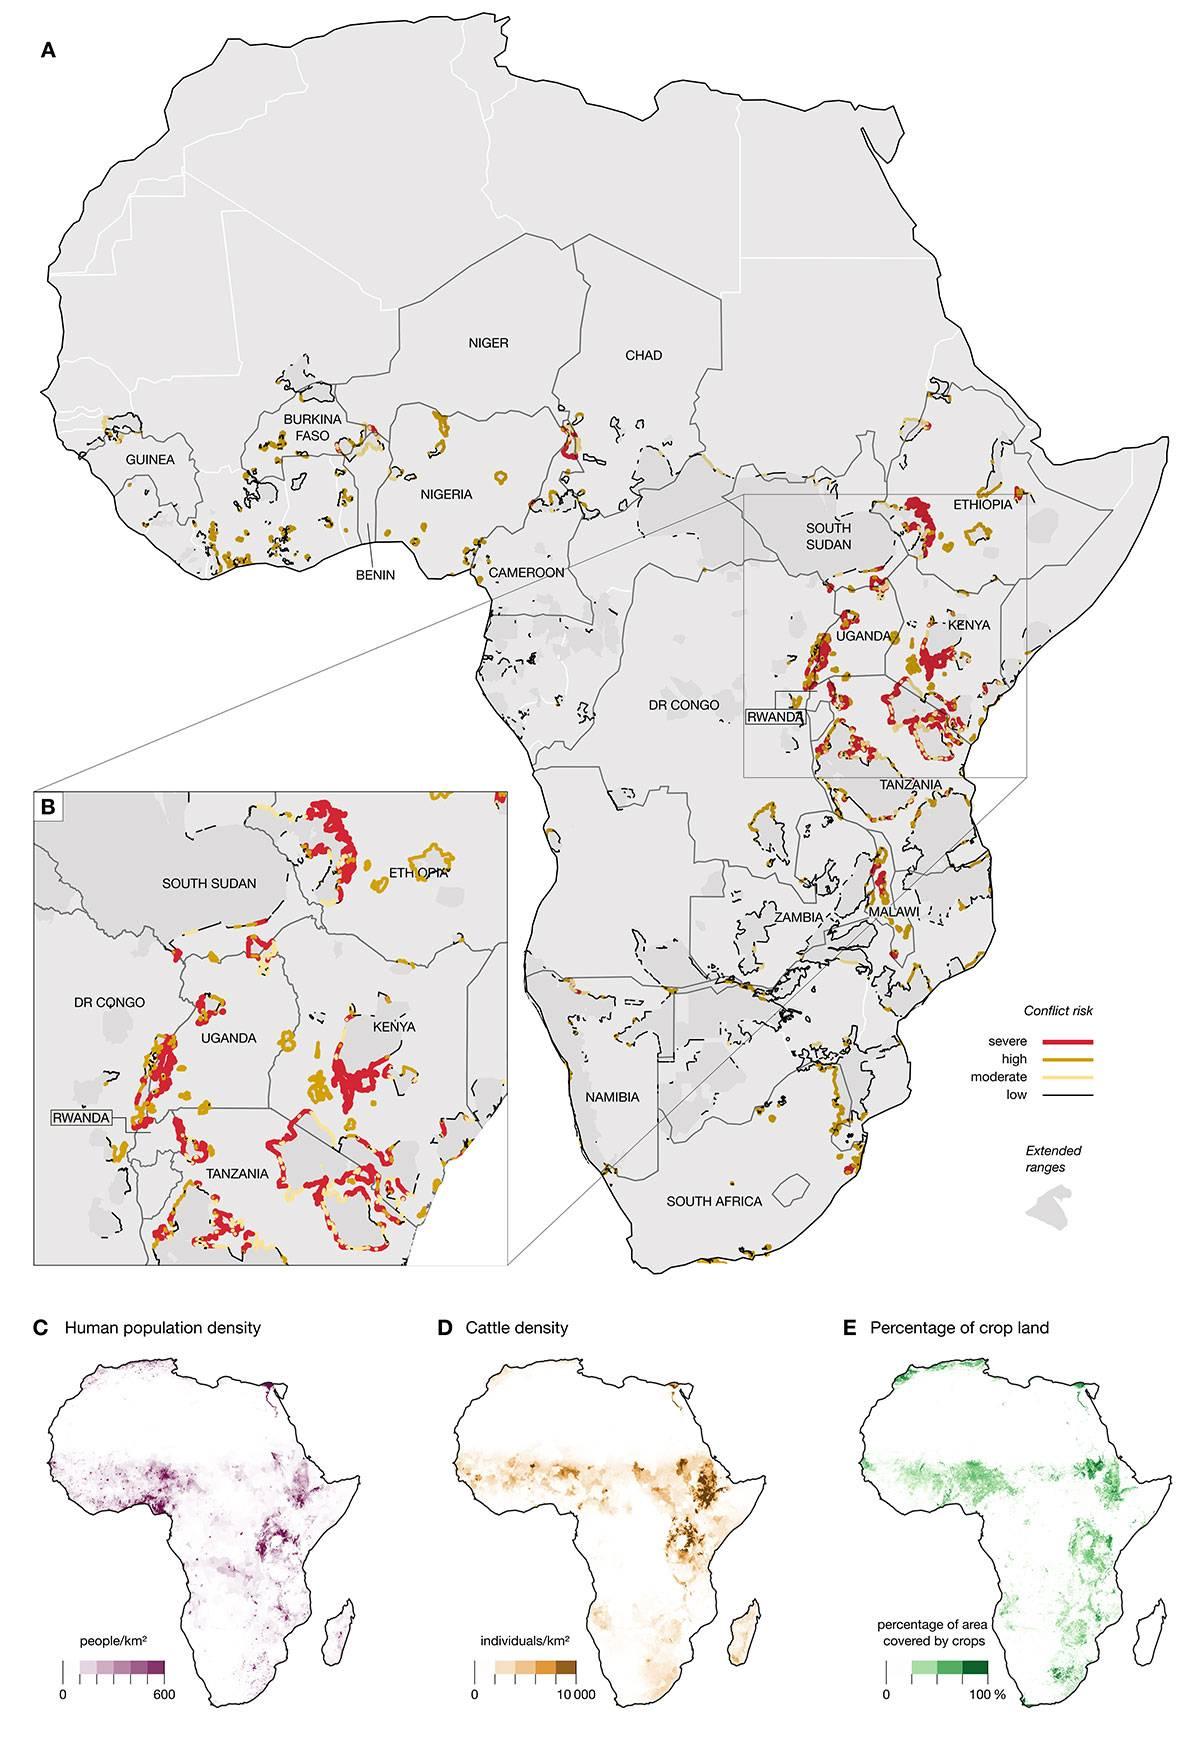 Mapa de conflictos - Mapa  señala dónde en África  se producen los conflictos entre leones, elefantes y humanos